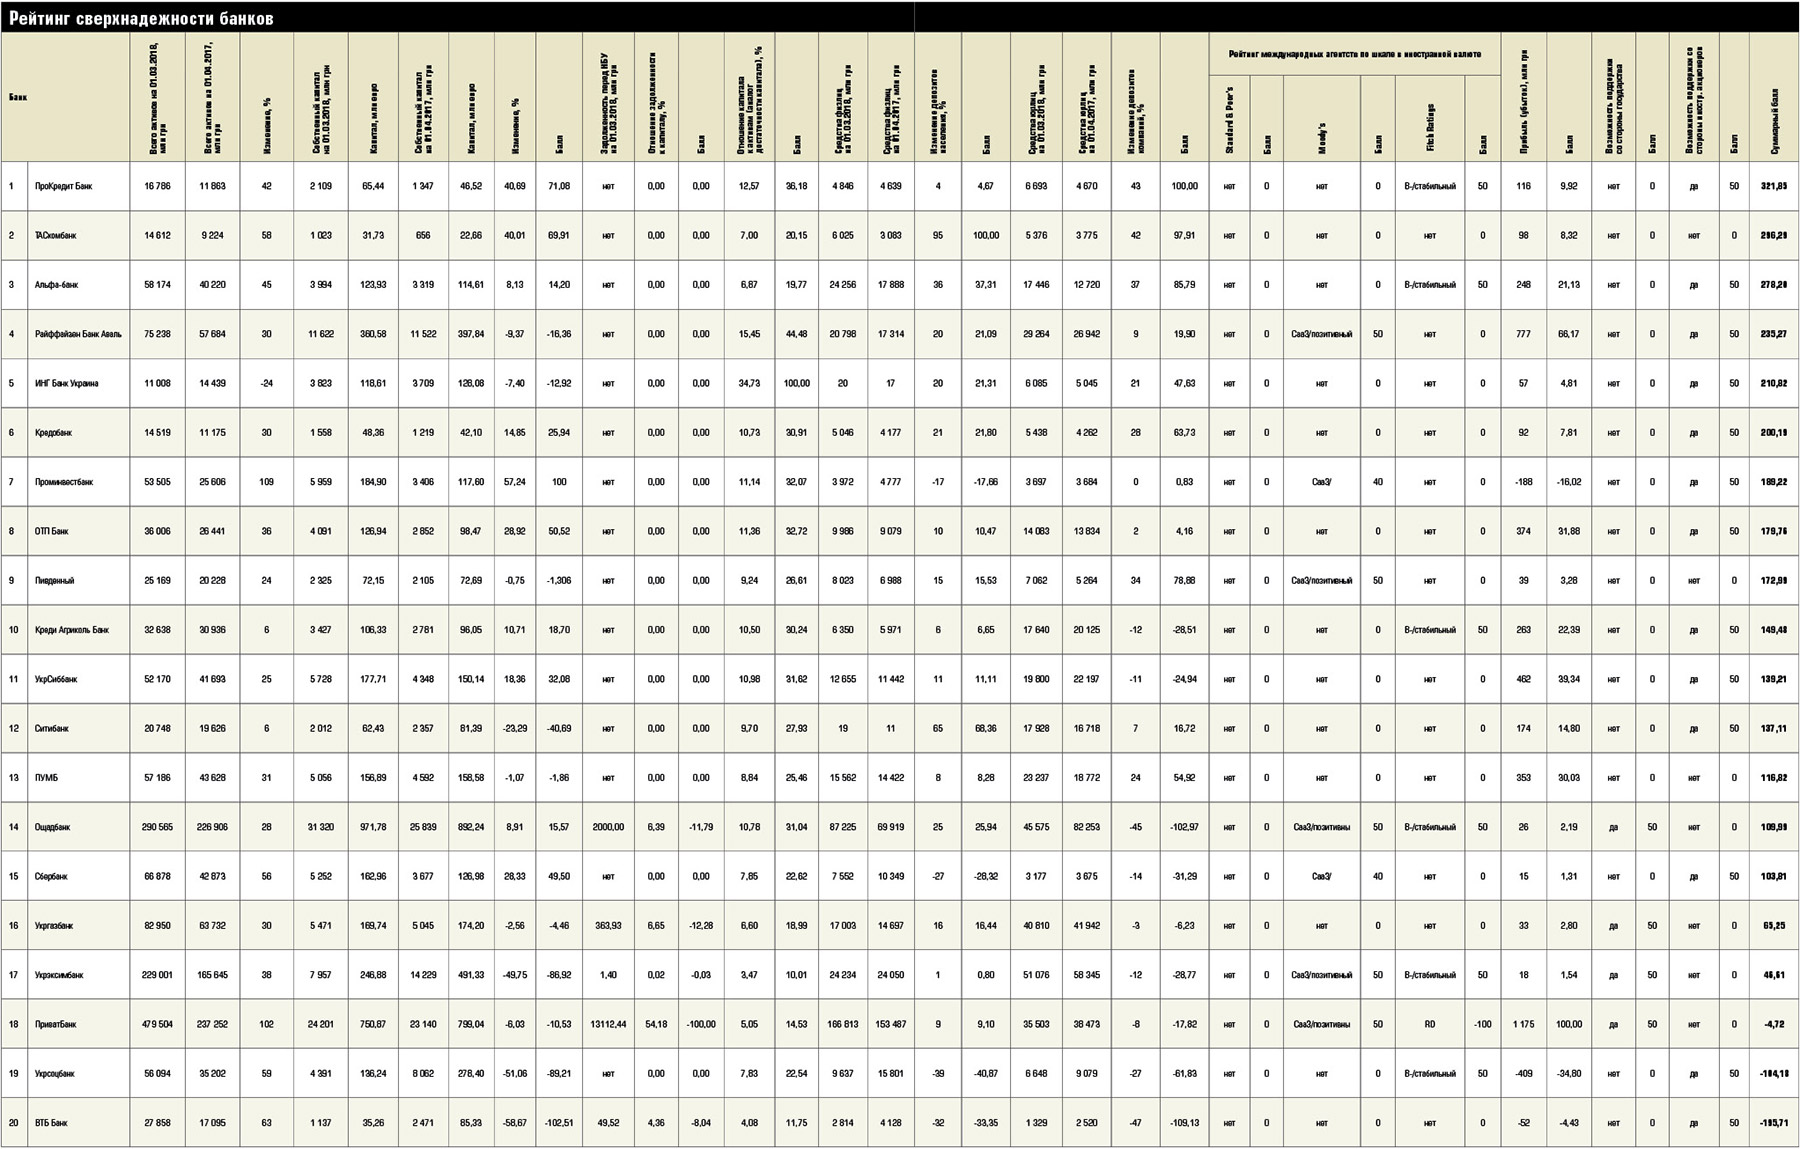 Таблица с рейтингом надежности банков